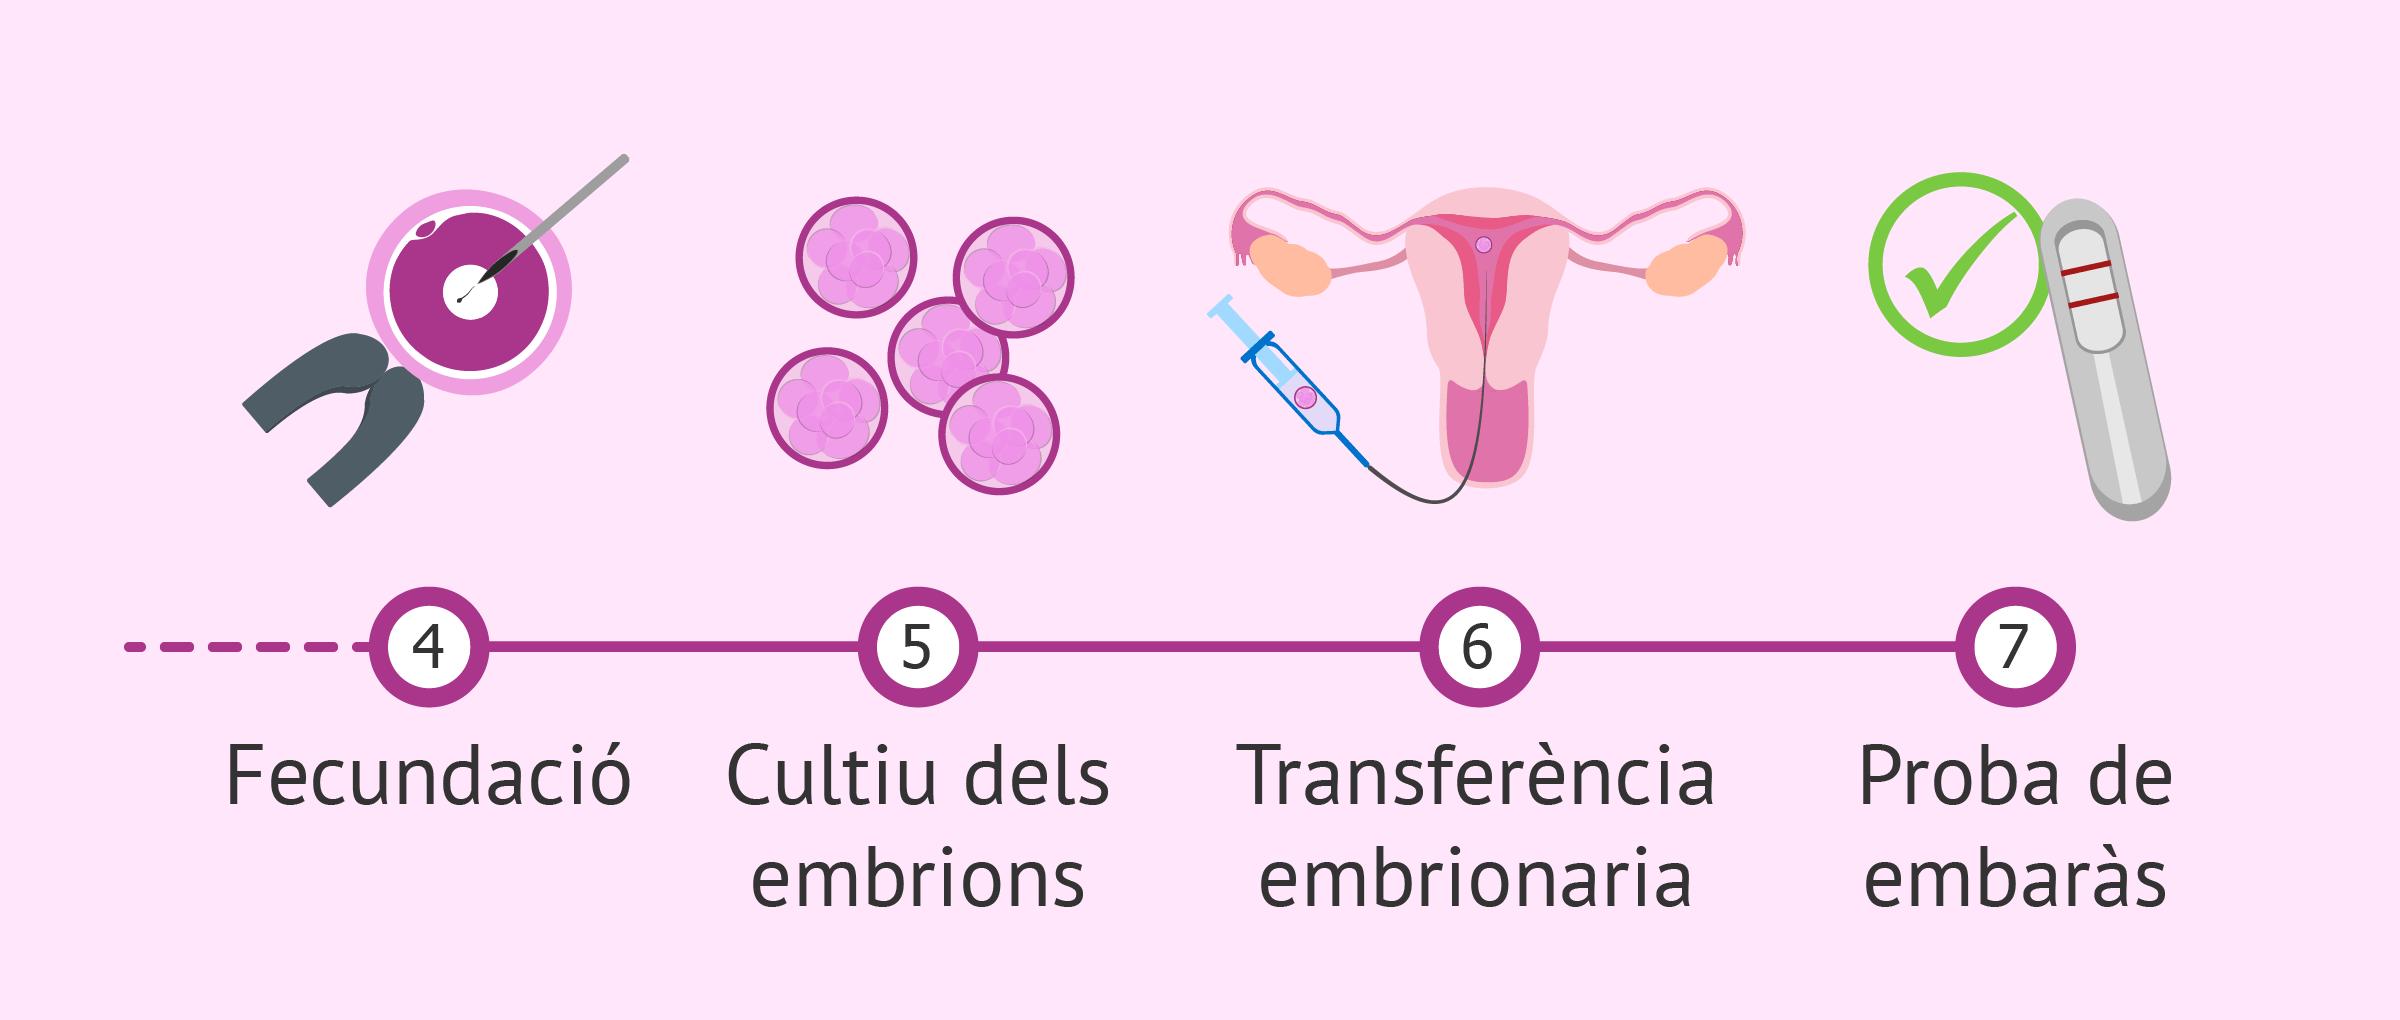 Procés de FIV des de la fecundació fins a la transferència embrionària